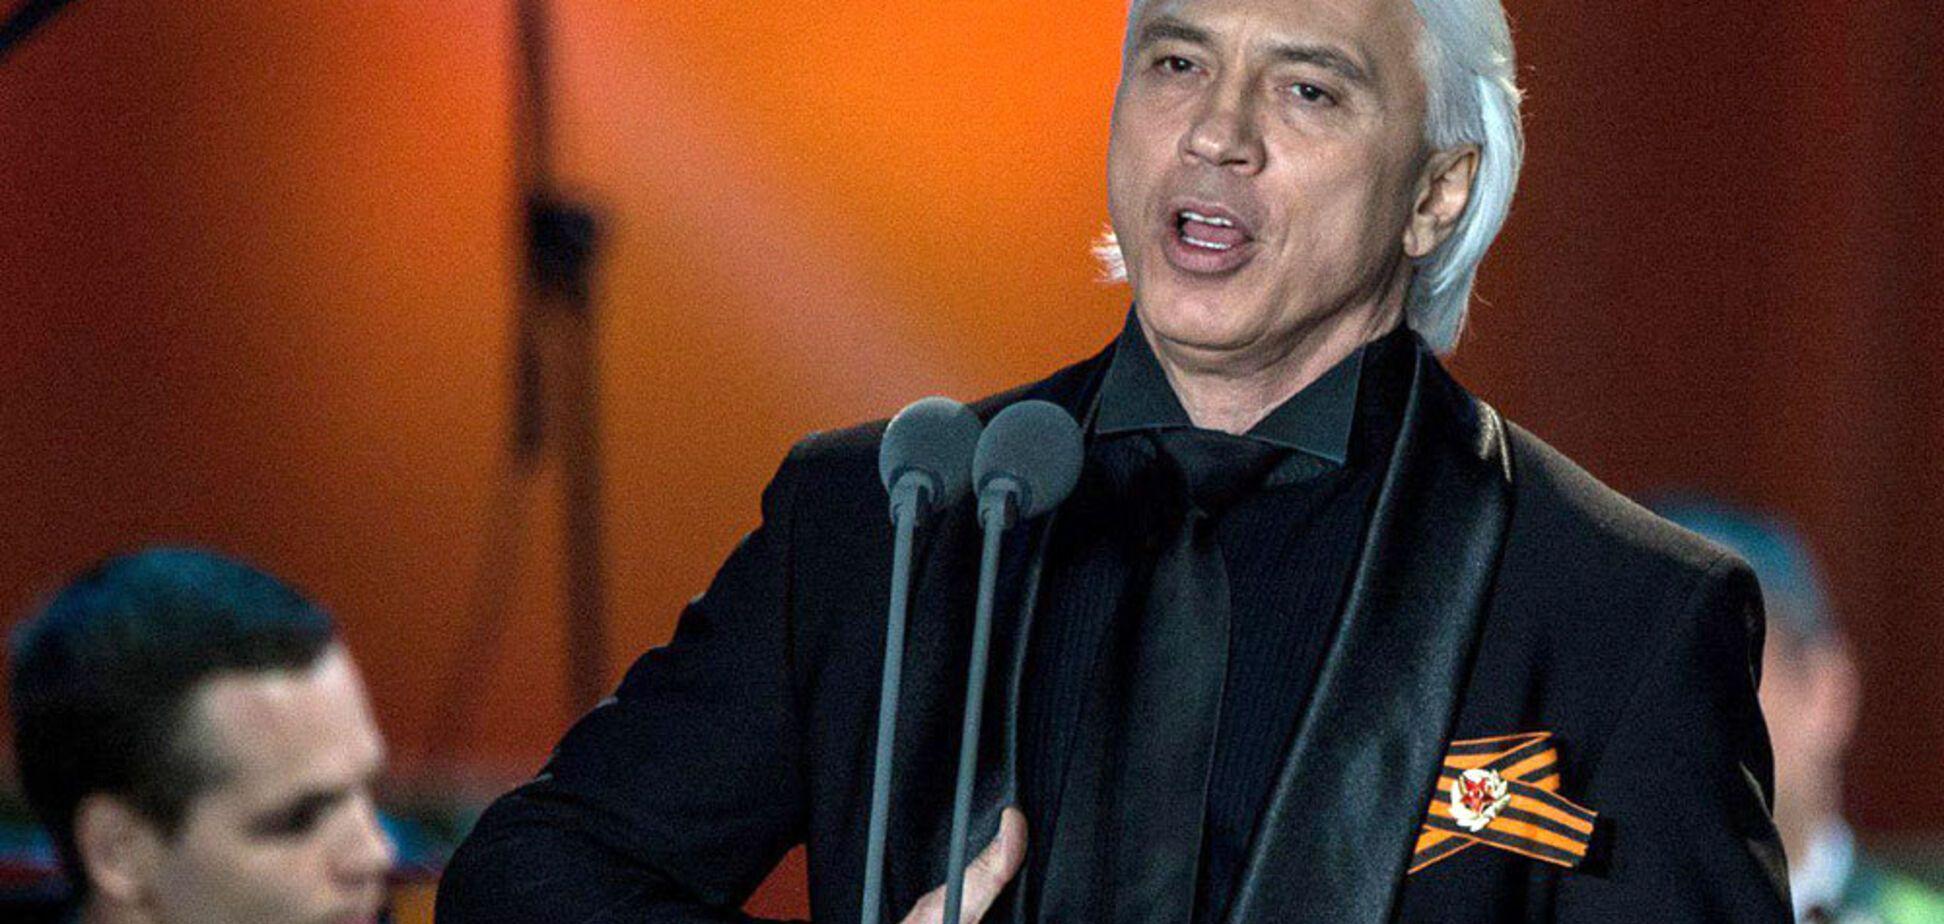 Був розрив легенів: друзі Хворостовського розкрили невідомі подробиці про співака